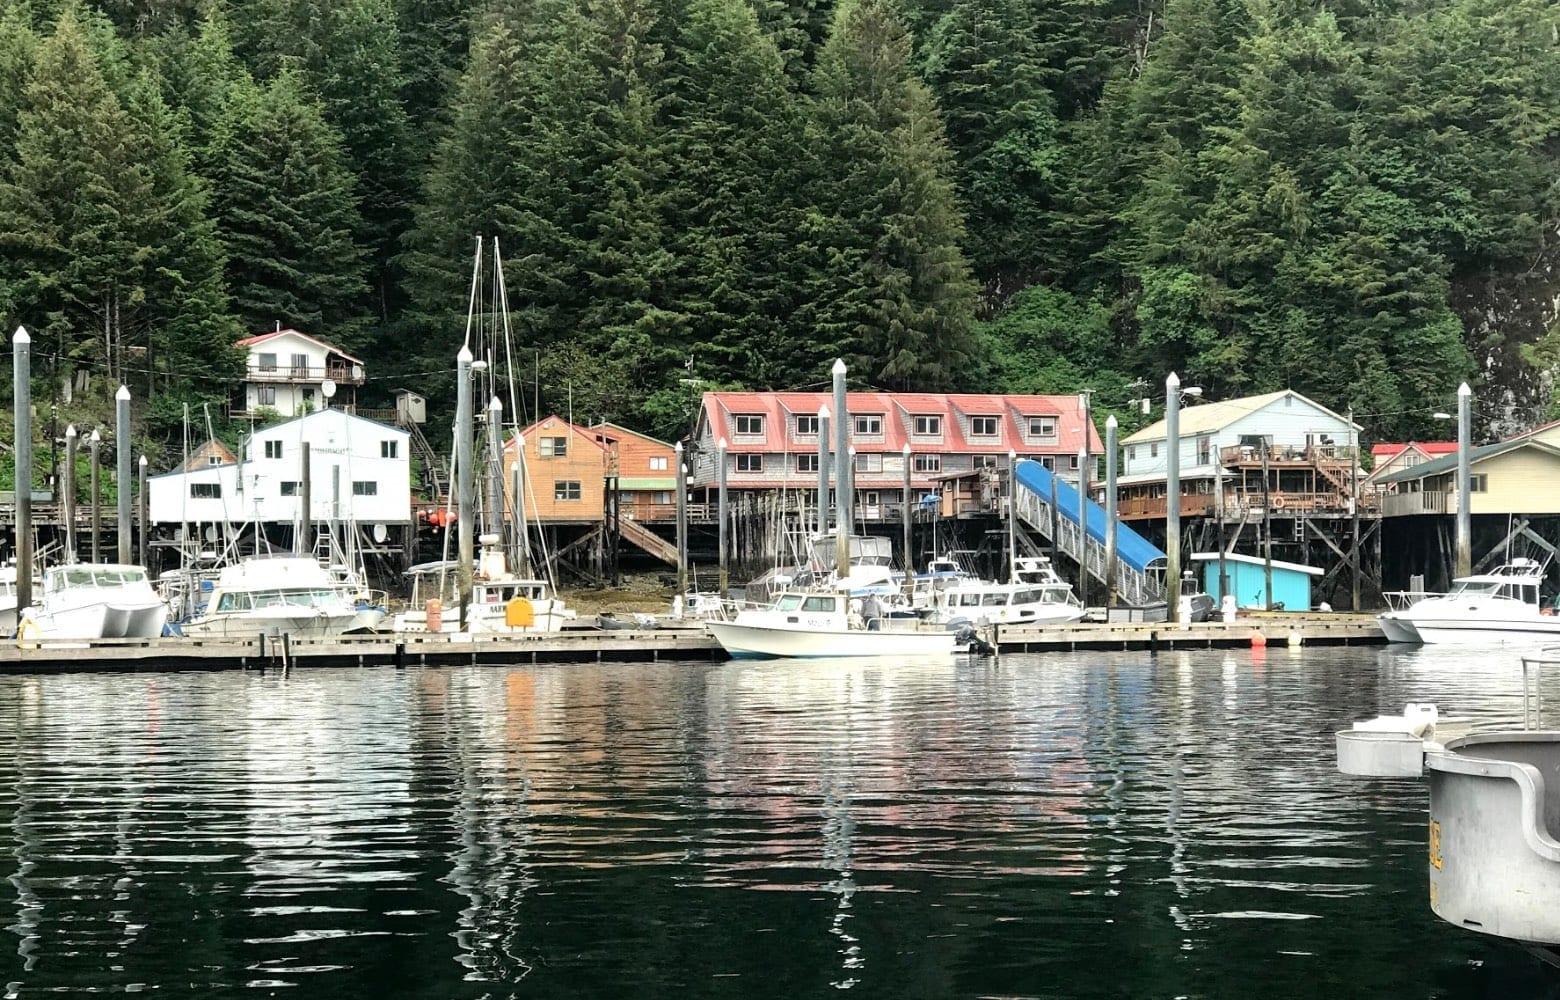 Lodge and Harbor